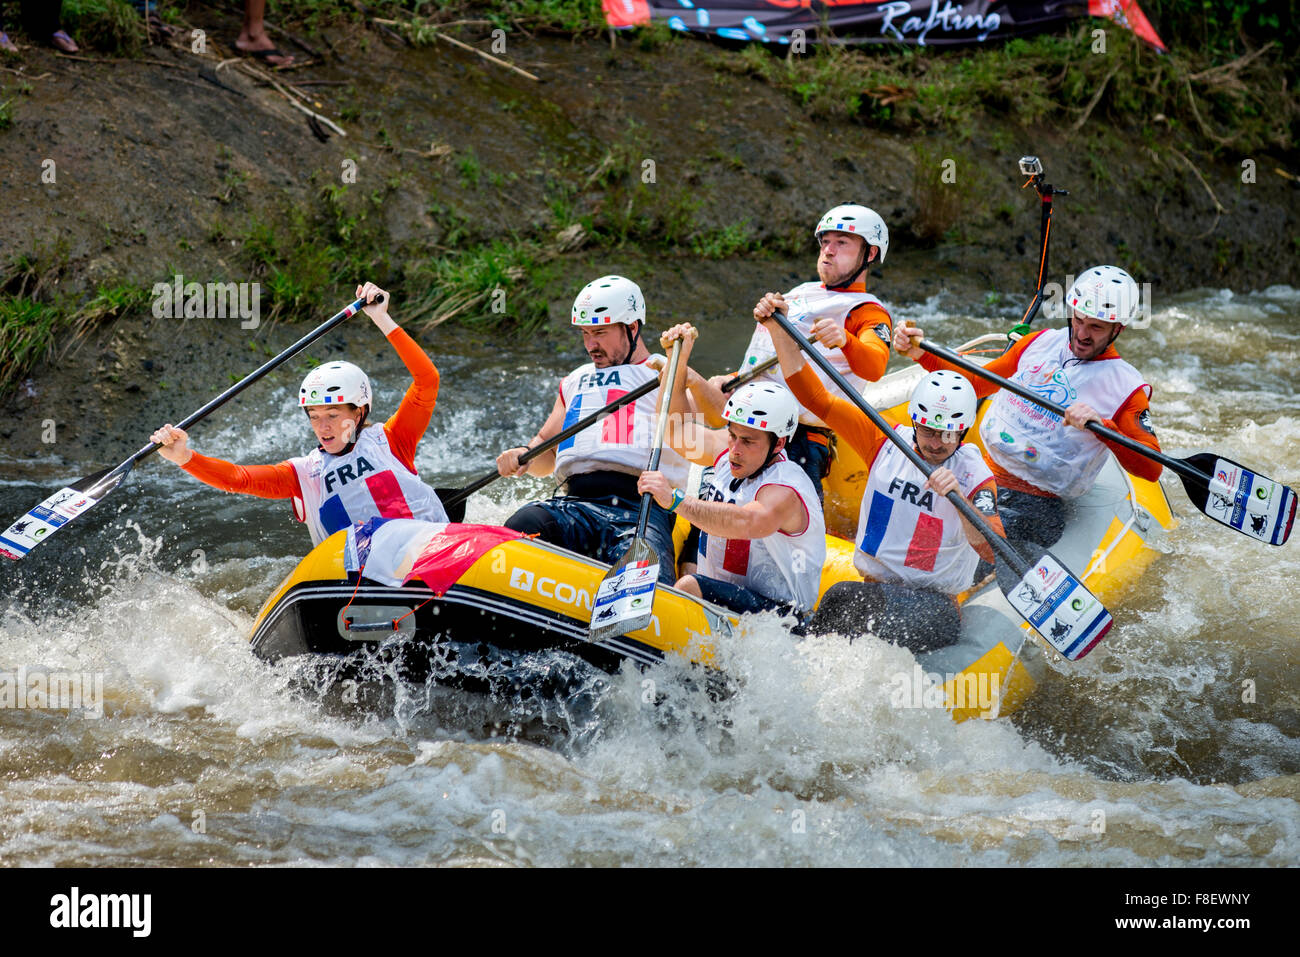 El French Open Men's team con una hembra de vigas en el barco en acción durante la carrera de sprint de Imagen De Stock